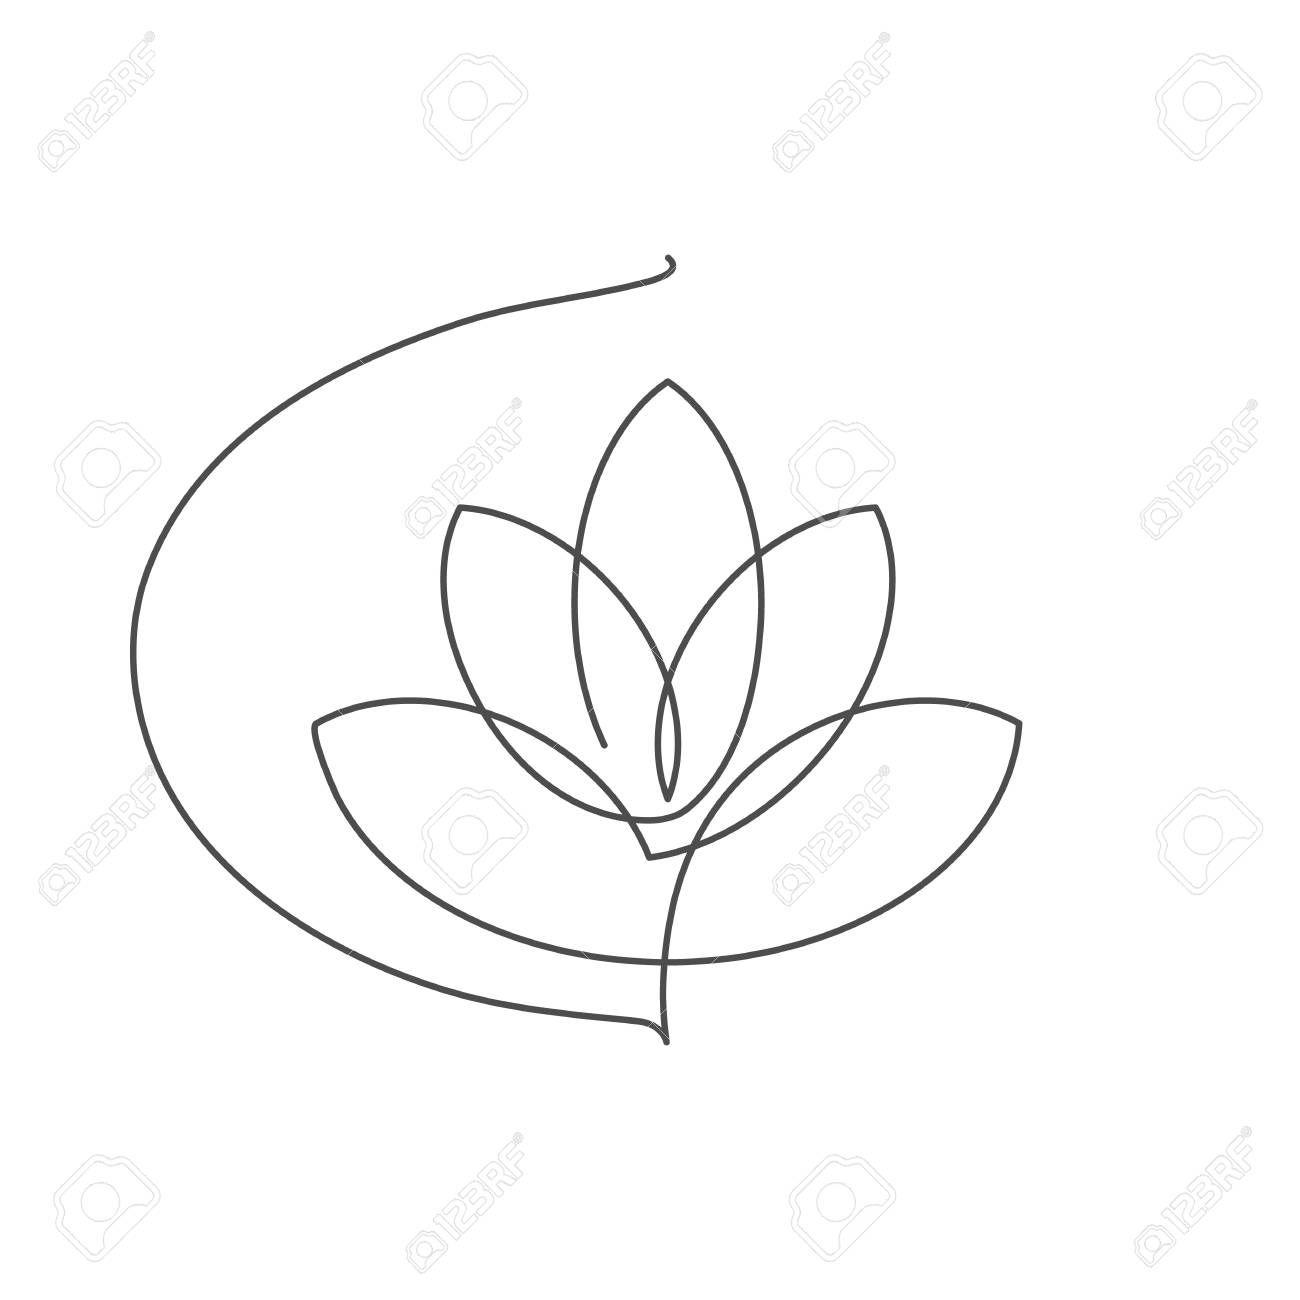 Dibujos Con Una Sola Linea Buscar Con Google Dibujos Tatuajes Ilustraciones